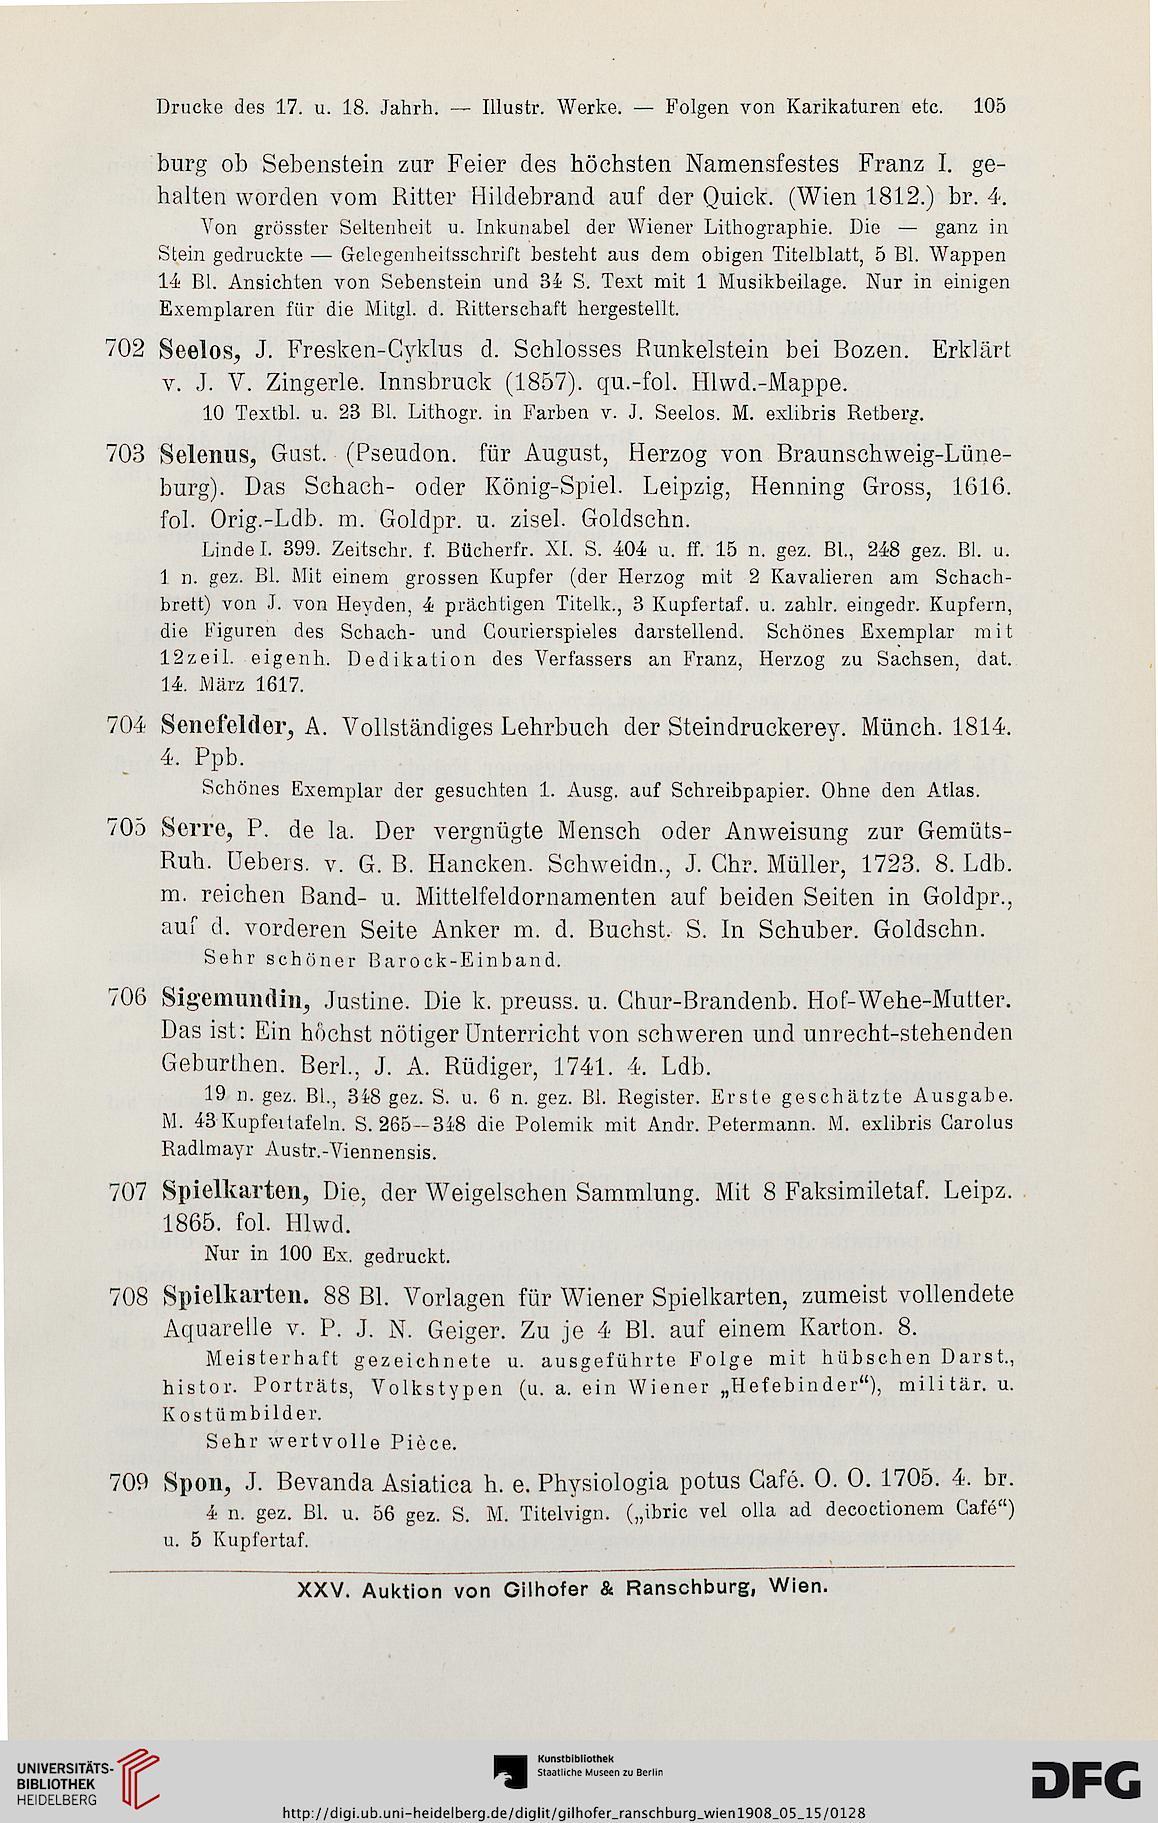 Gilhofer & Ranschburg <Wien> [Hrsg.]: Katalog der Büchersammlung Z v ...